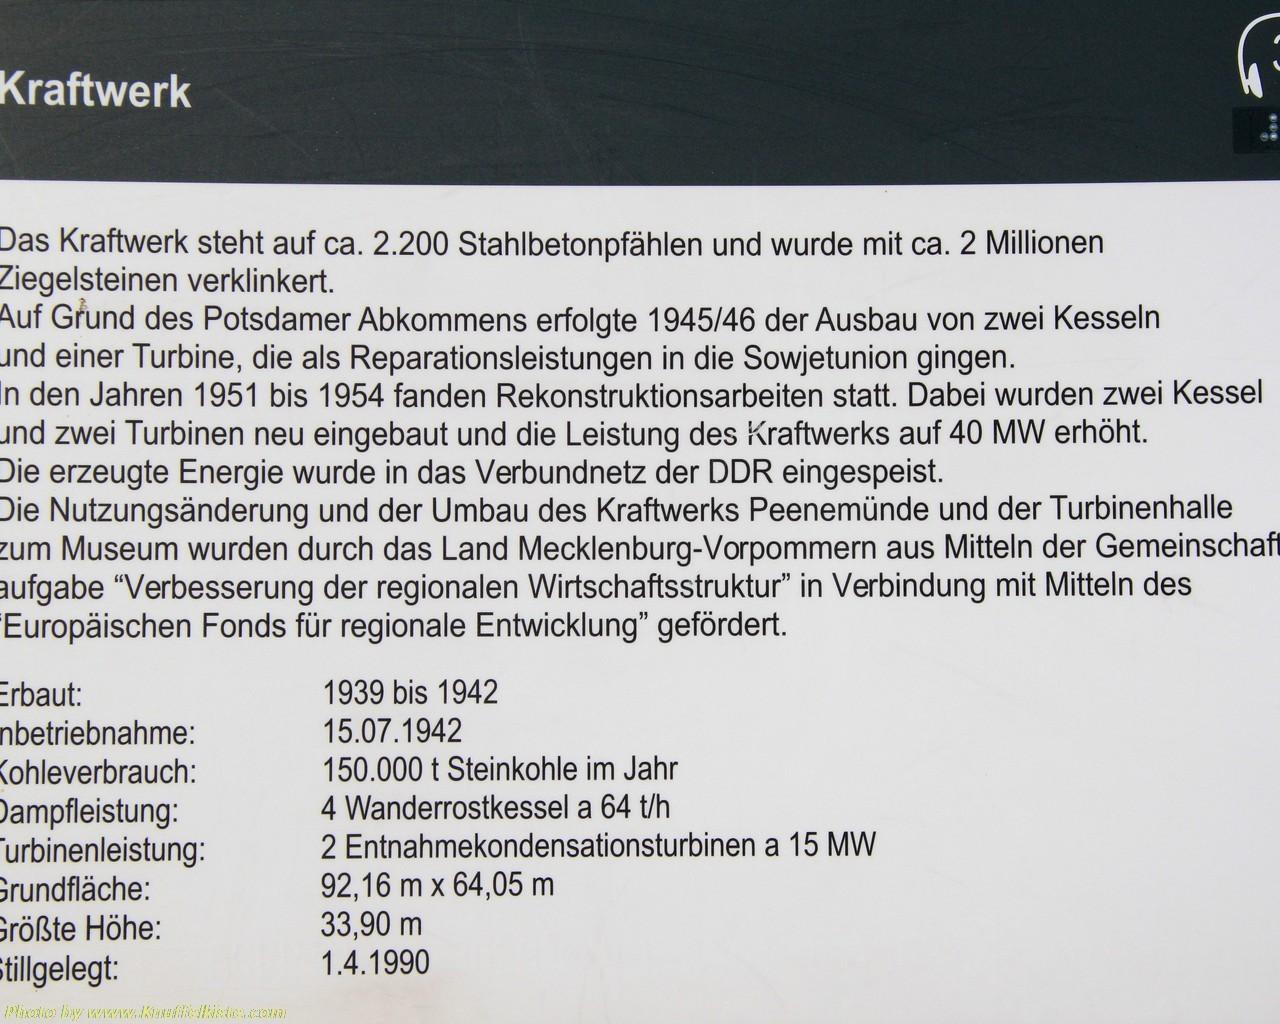 Erklärung Kraftwerk...